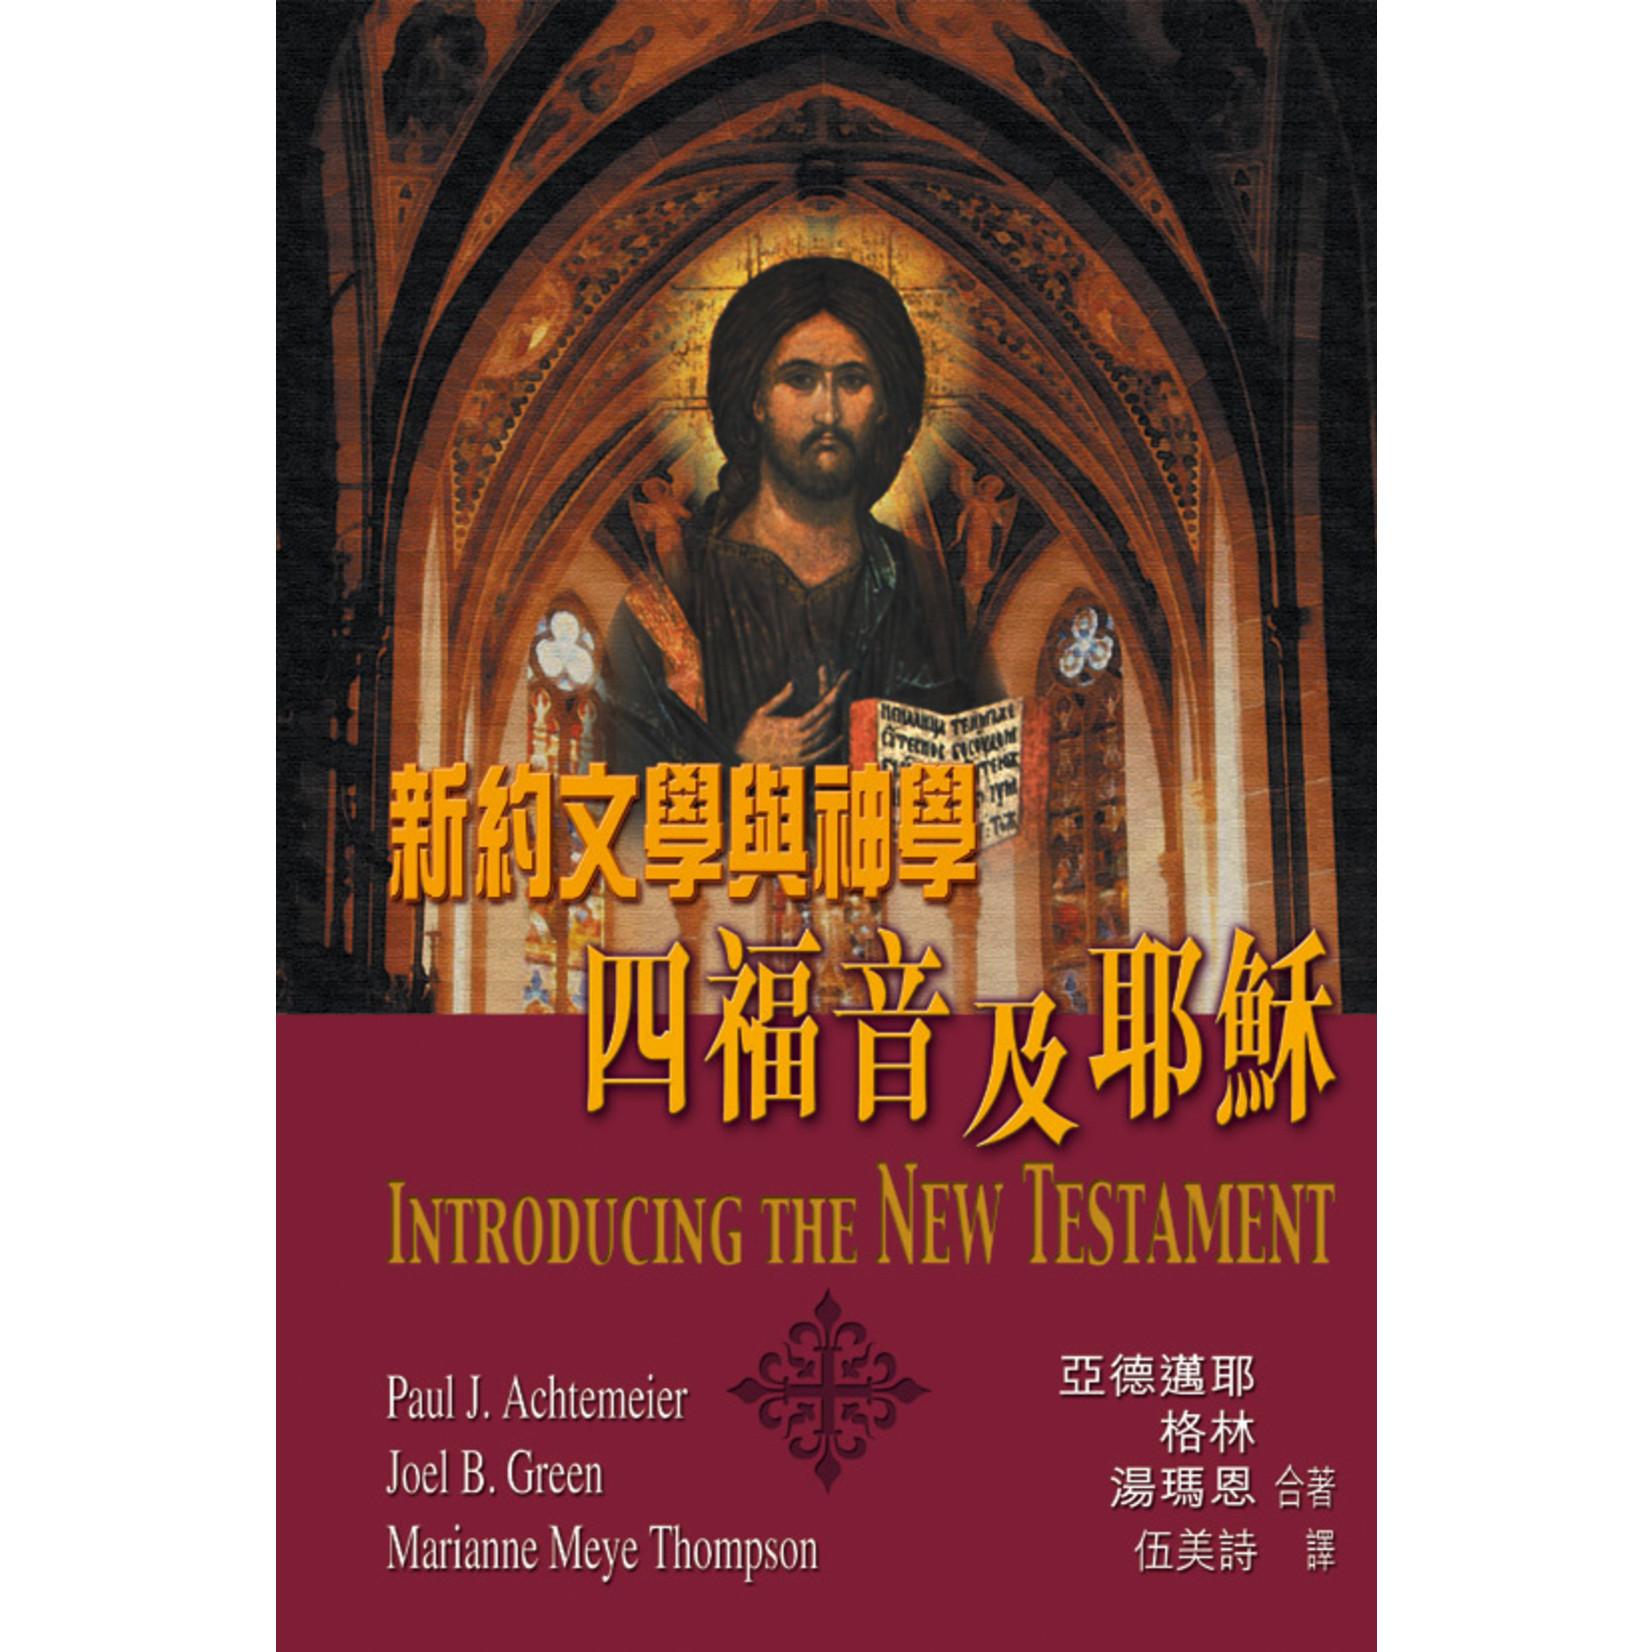 天道書樓 Tien Dao Publishing House 新約文學與神學:四福音及耶穌 Introducing the New Testament: Its Literature and Theology